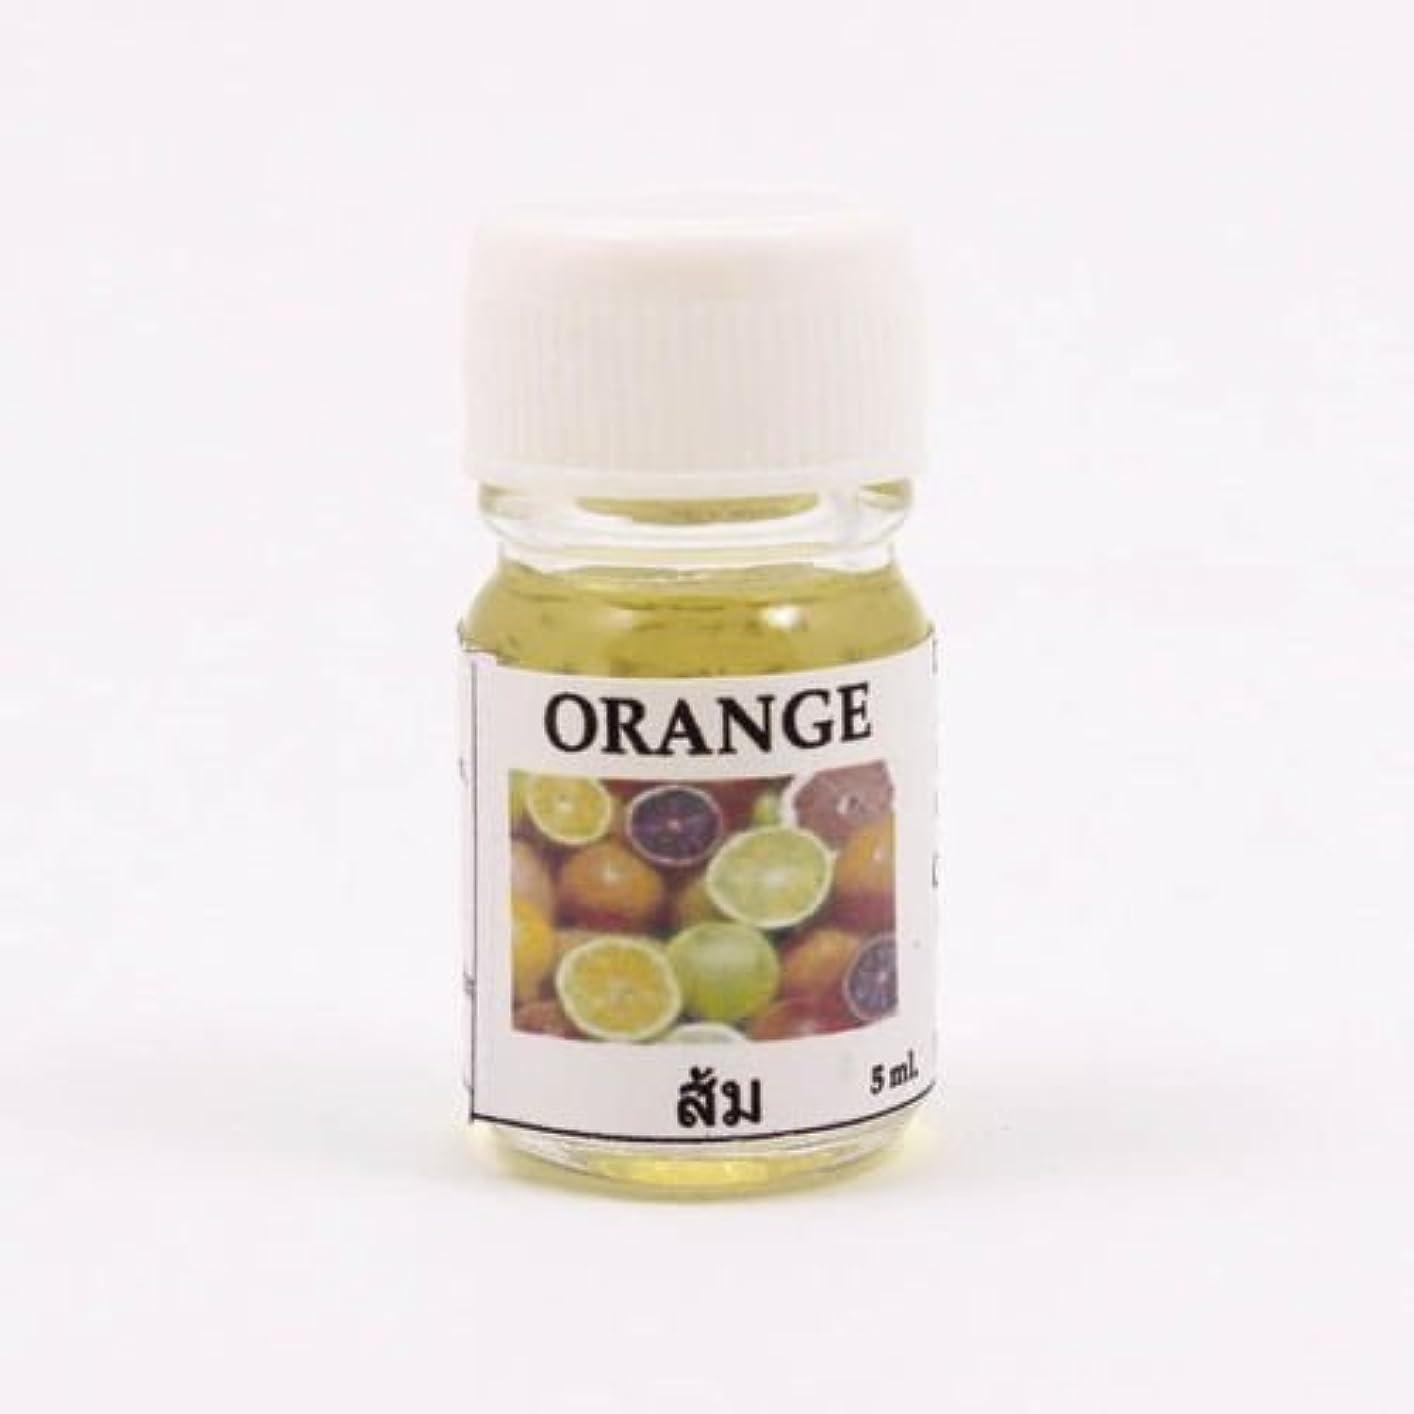 アイロニーミニ承認6X Orange Aroma Fragrance Essential Oil 5ML. (cc) Diffuser Burner Therapy